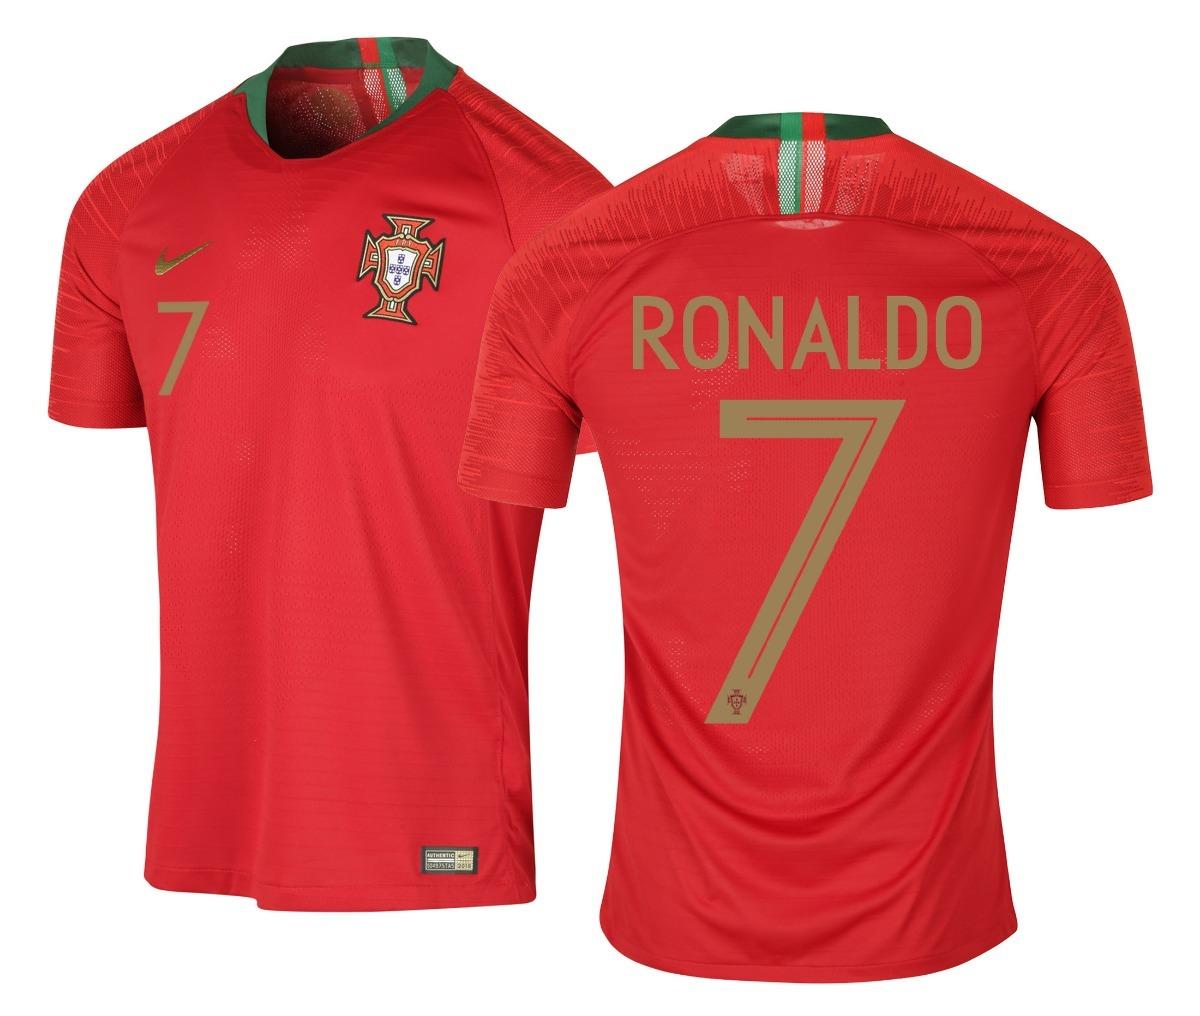 726d38299fe0d camiseta de portugal nike 2018 ronaldo 7. Cargando zoom.